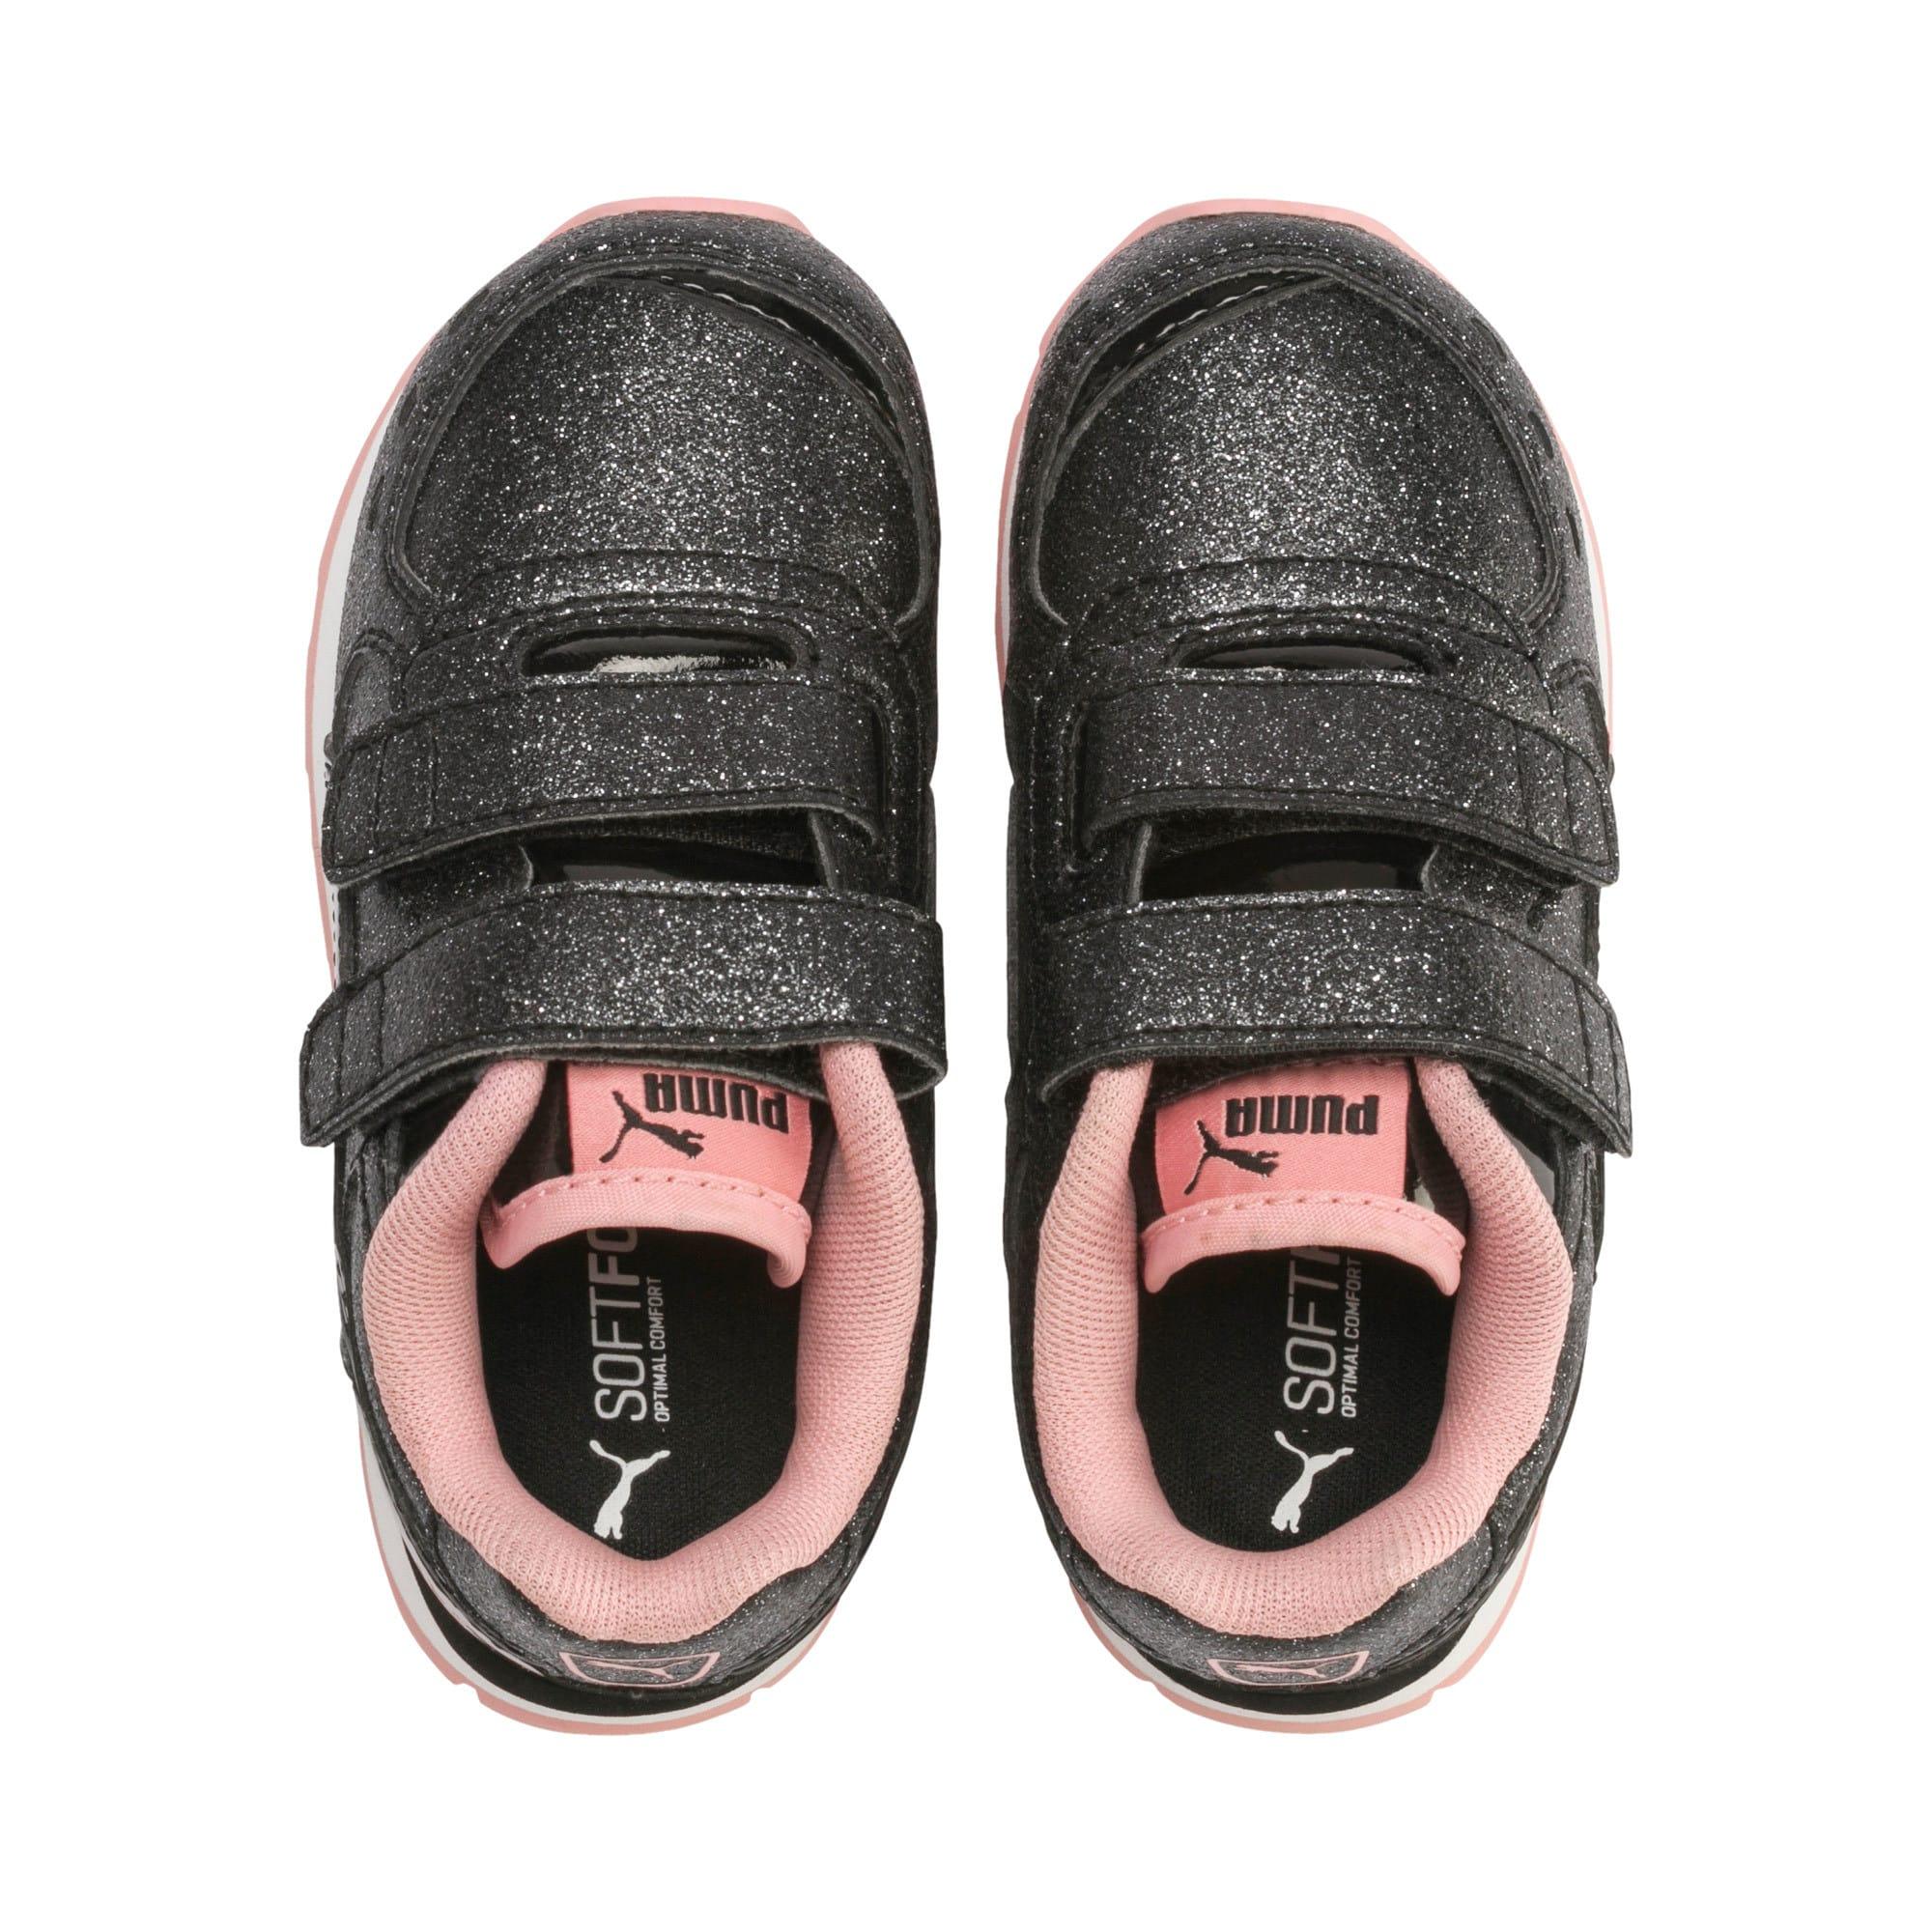 Miniatura 6 de Zapatos Vista Glitz para bebés, Puma Black-Bridal Rose, mediano